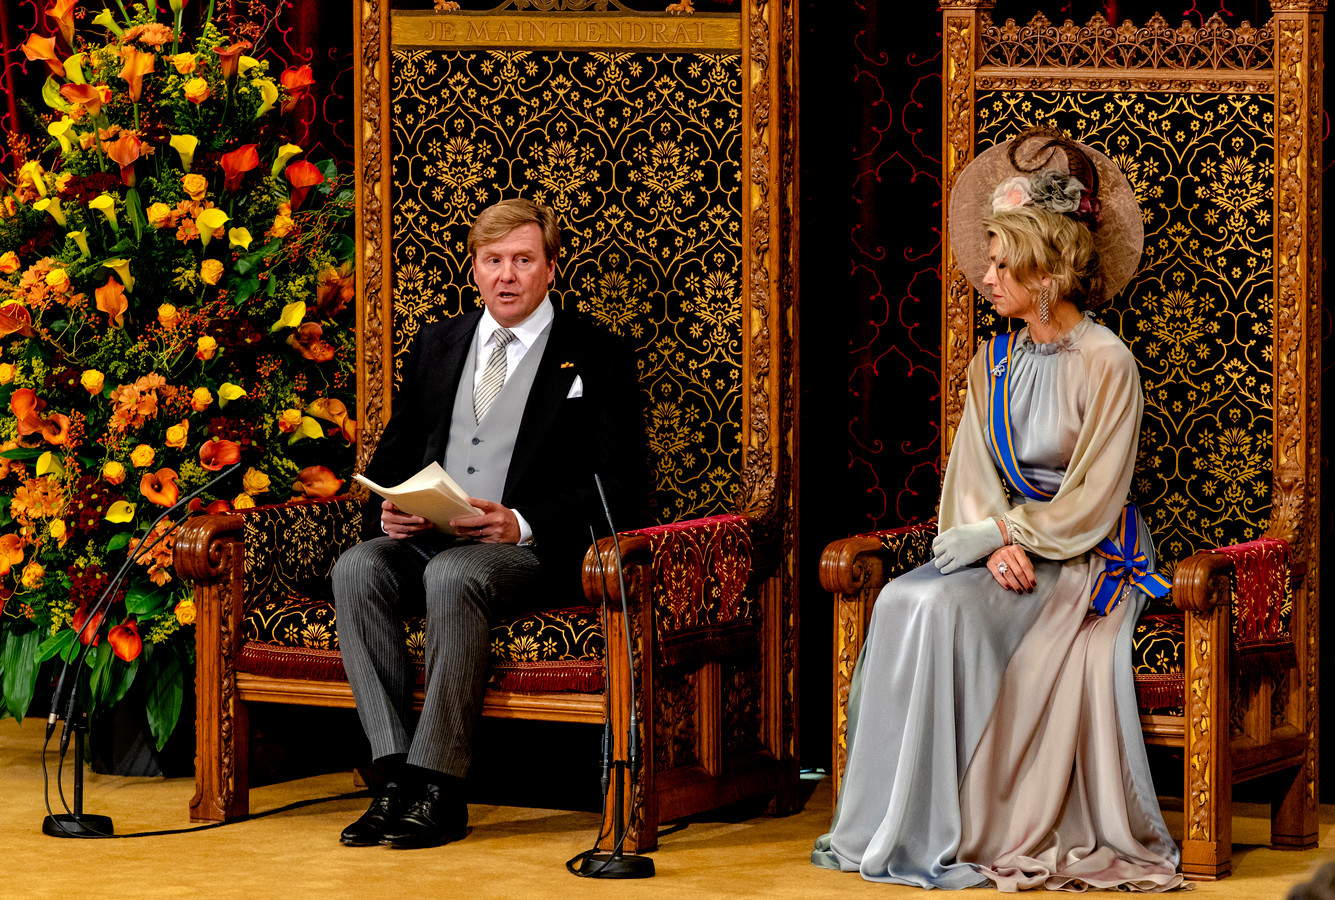 Koning Willem-Alexander tijdens de troonrede